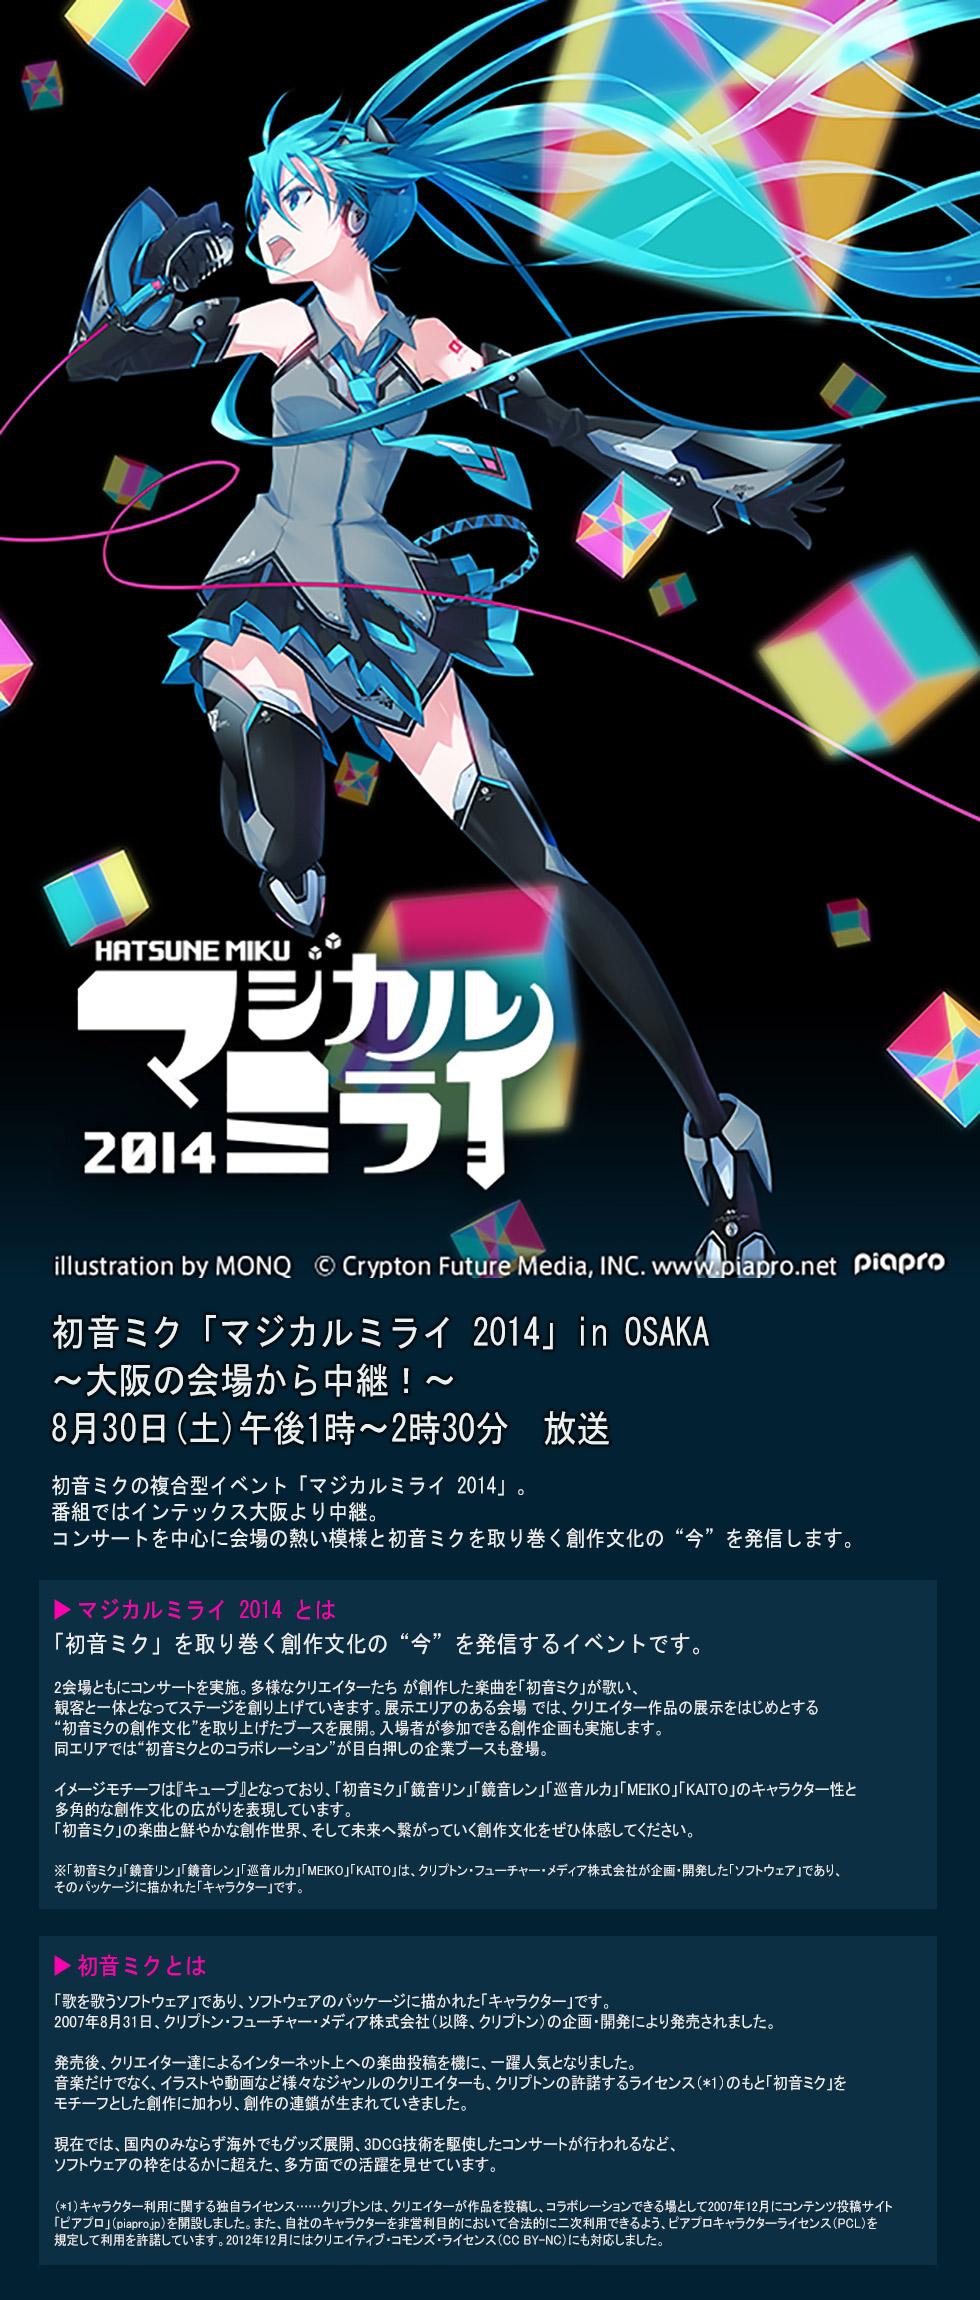 初音ミク「マジカルミライ 2014」in OSAKA